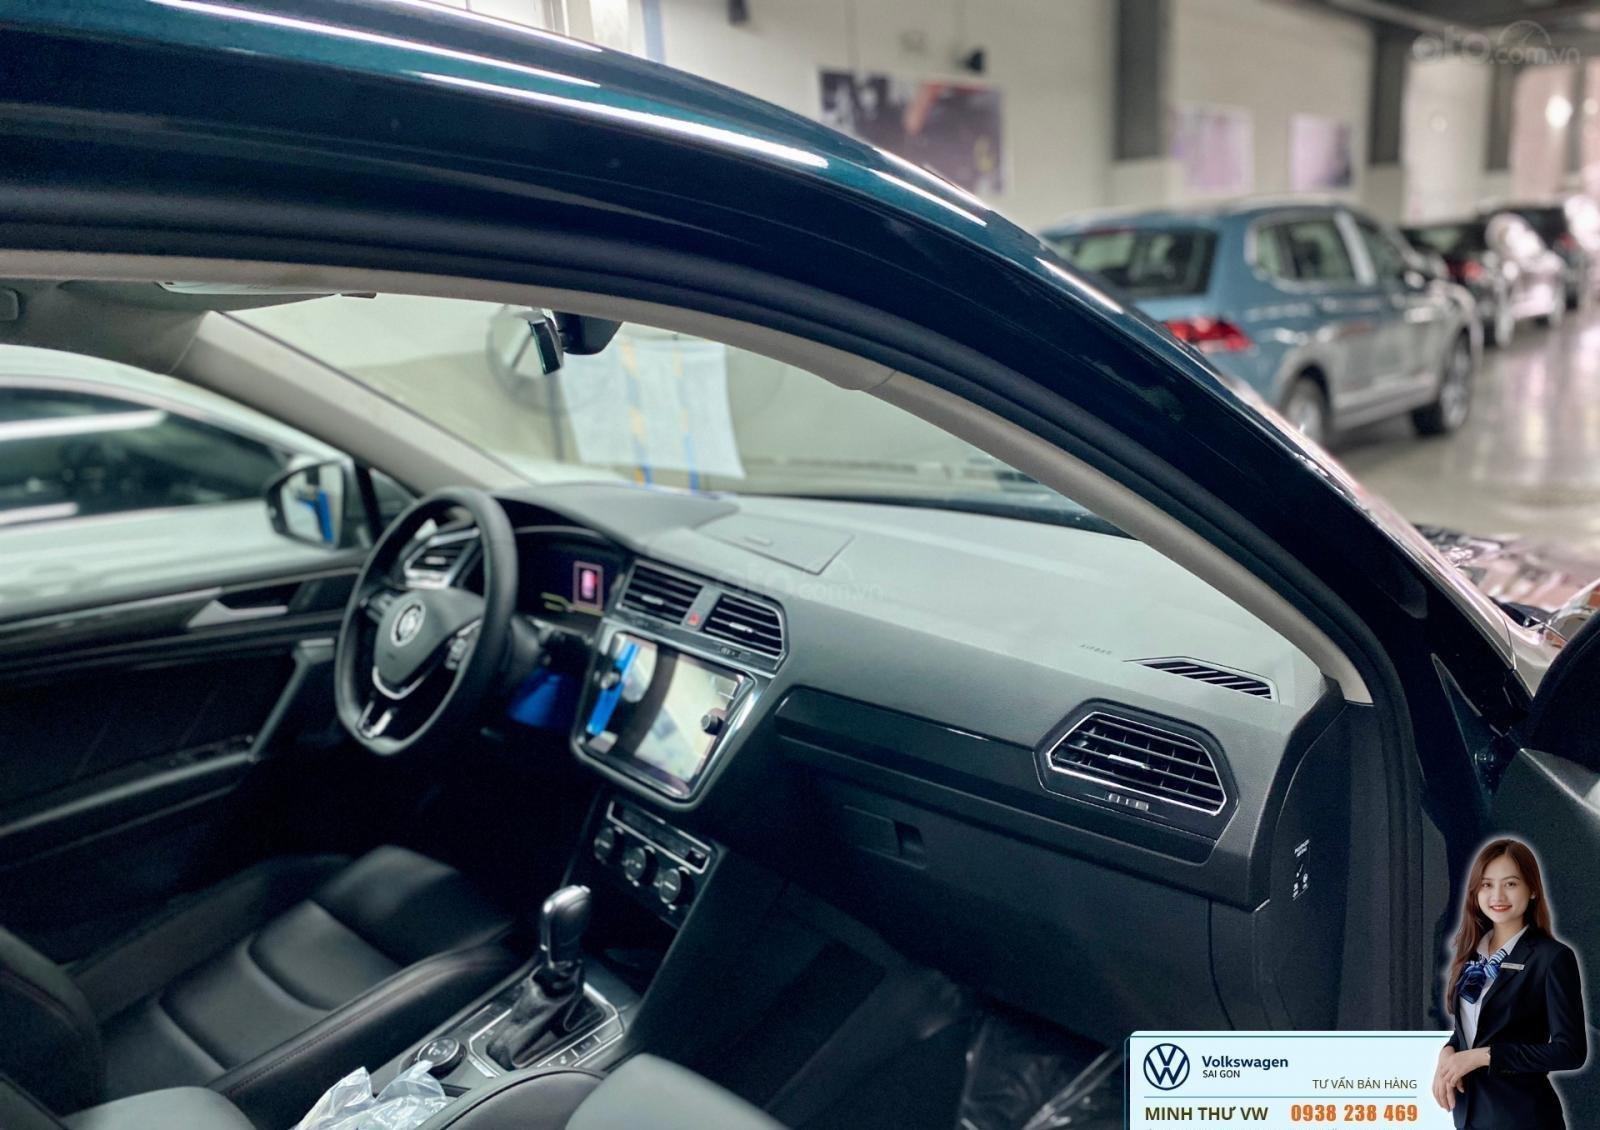 Volkswagen Tiguan Luxury màu xanh rêu số lượng ít - Xe Đức nhập khẩu nguyên chiếc - Giảm ngay 120 triệu (3)